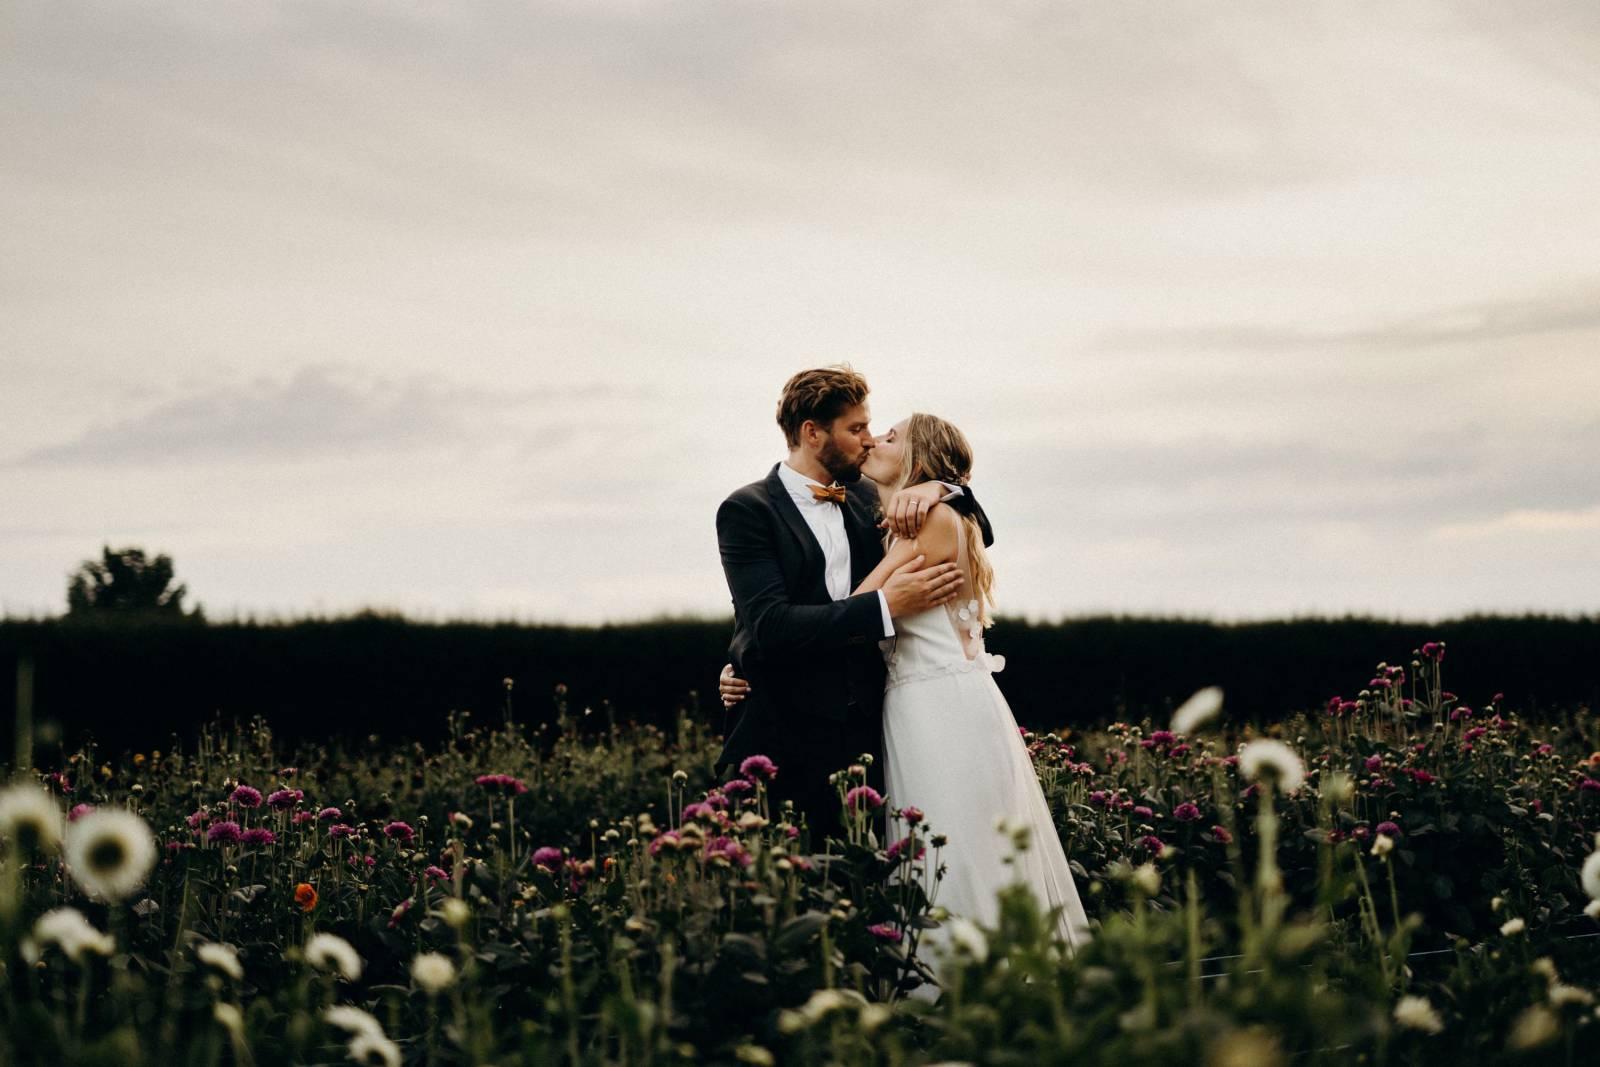 Frankie and Fish - Trouwfotograaf - Huwelijksfotograaf - Bruidsfotograaf - House of Weddings - 3